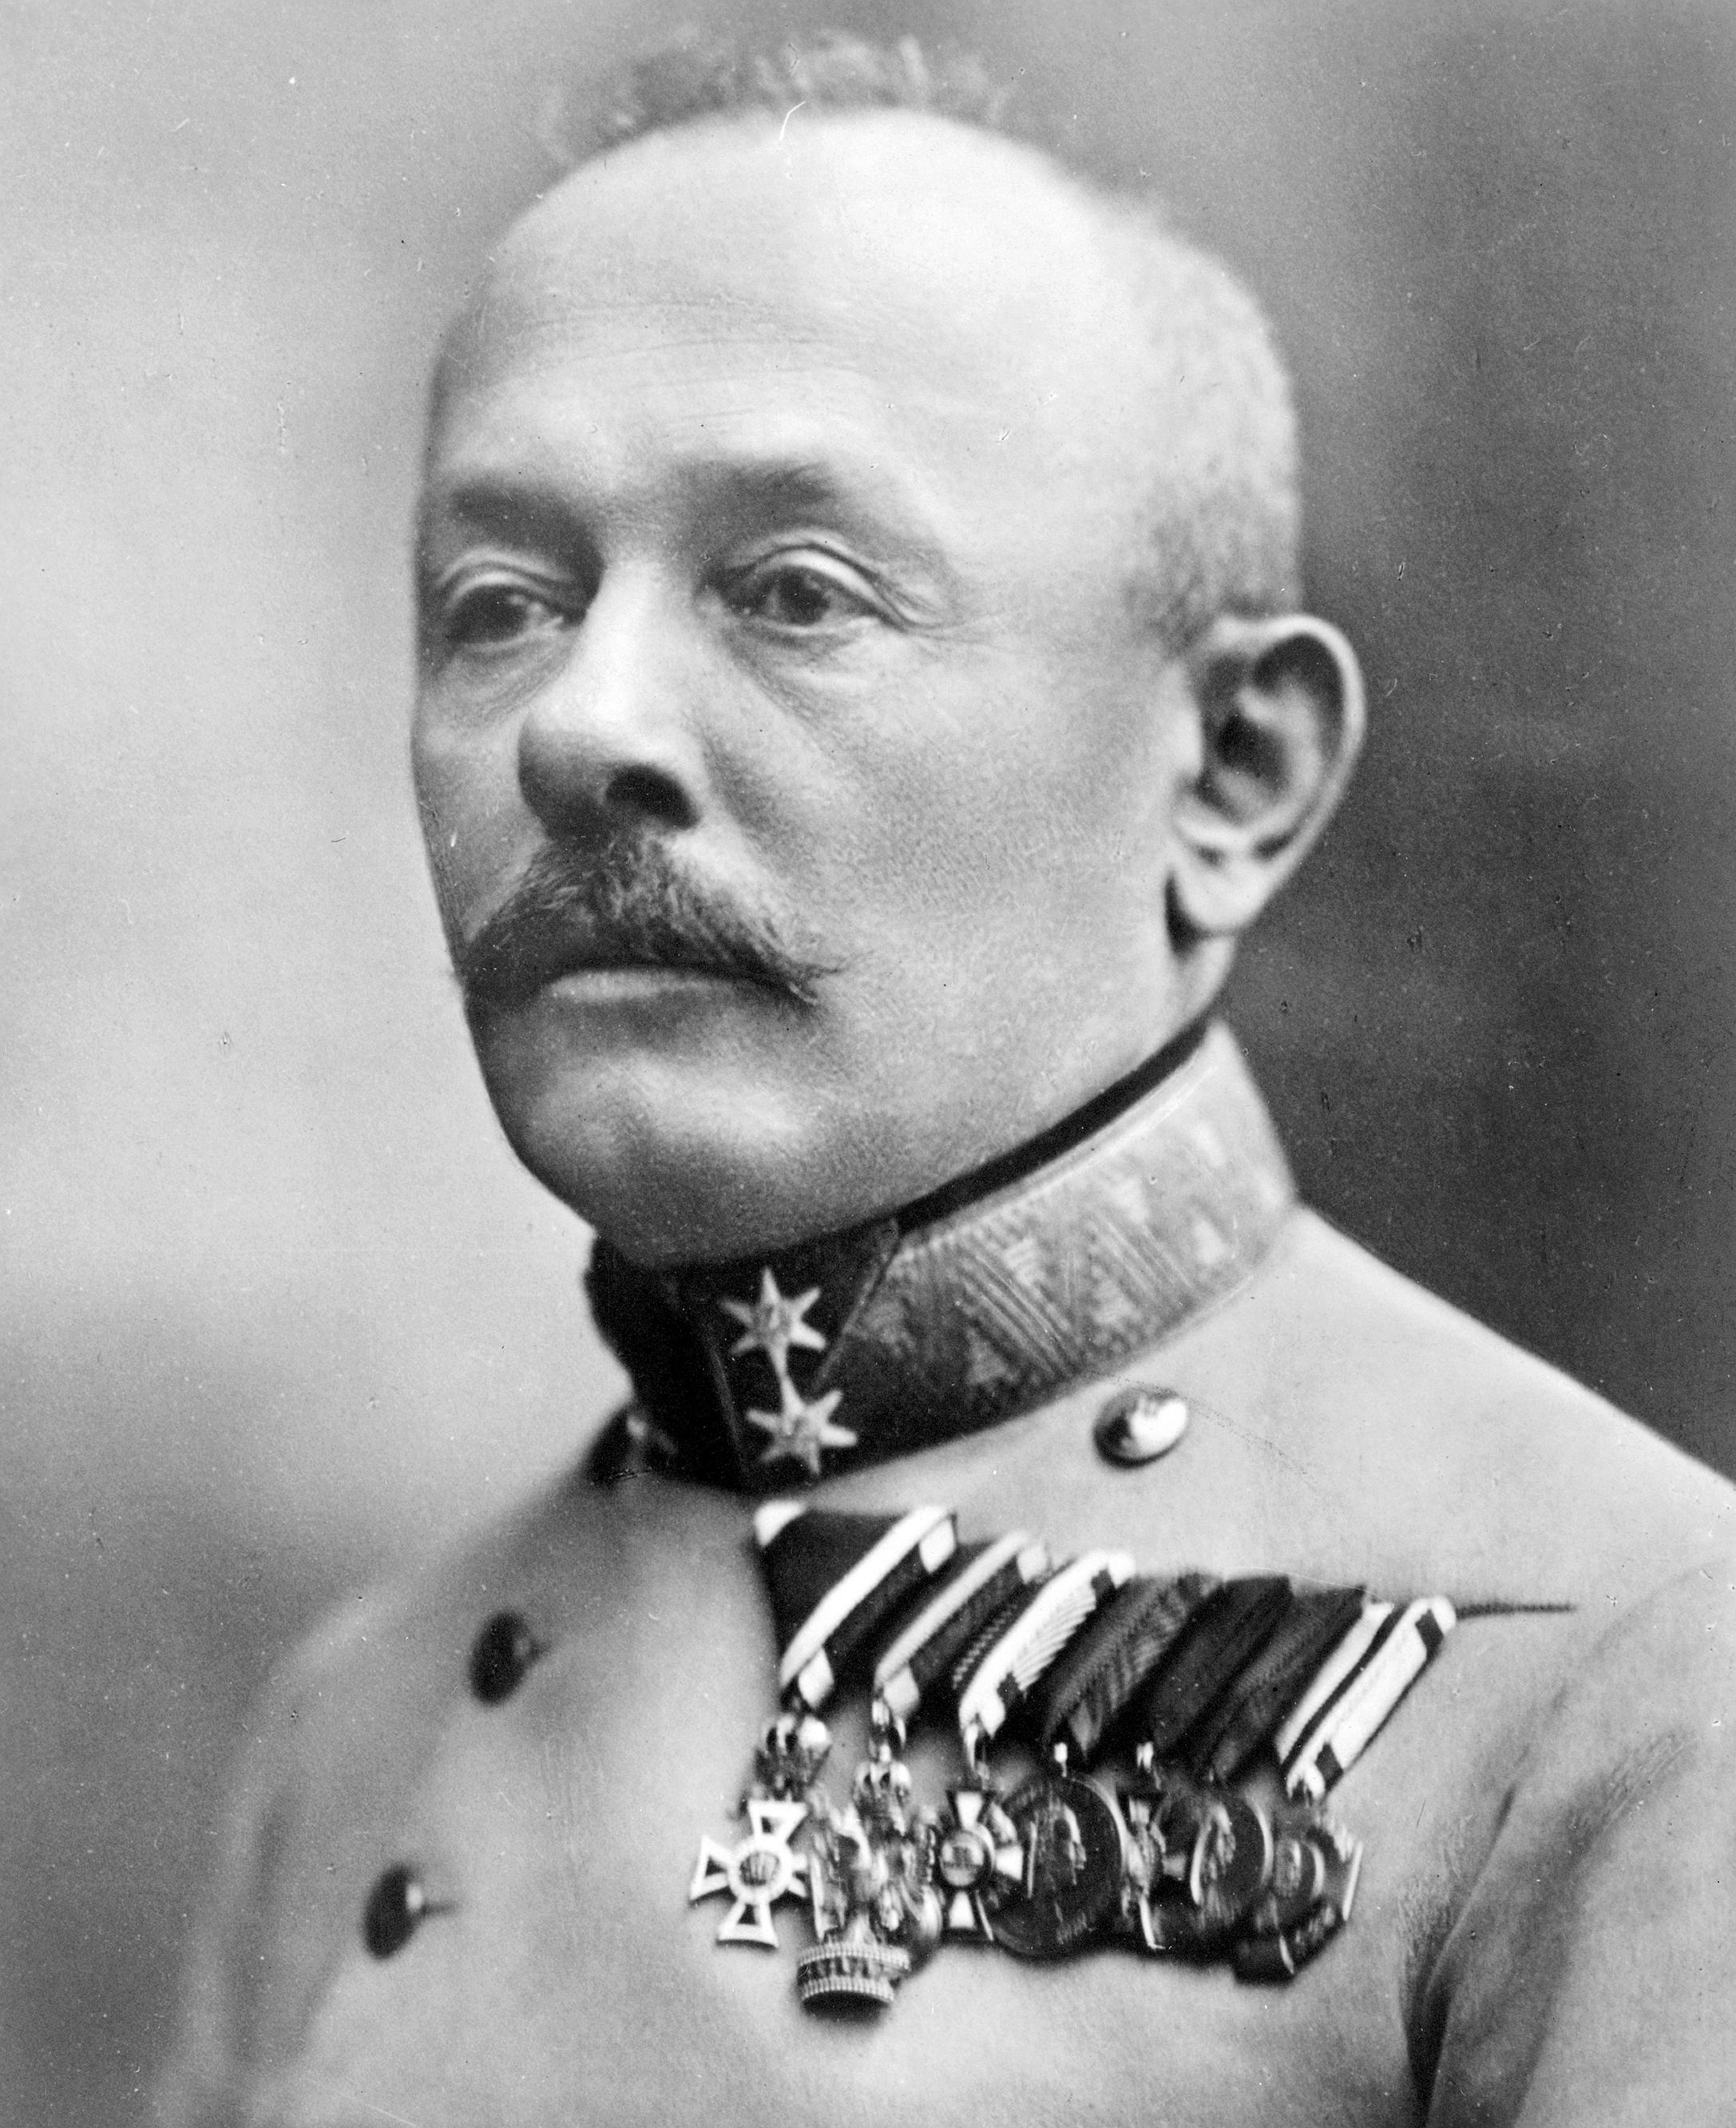 """Svetozar Boroevic von Bojna fue uno de los mejores generales defensivos de la guerra. Enérgico y cabezota, sus amigos lo llamaban el """"Caballero de Soca"""". Entre estos no se encontraba el Jefe de Estado Mayor austríaco Von Hotzendorff."""